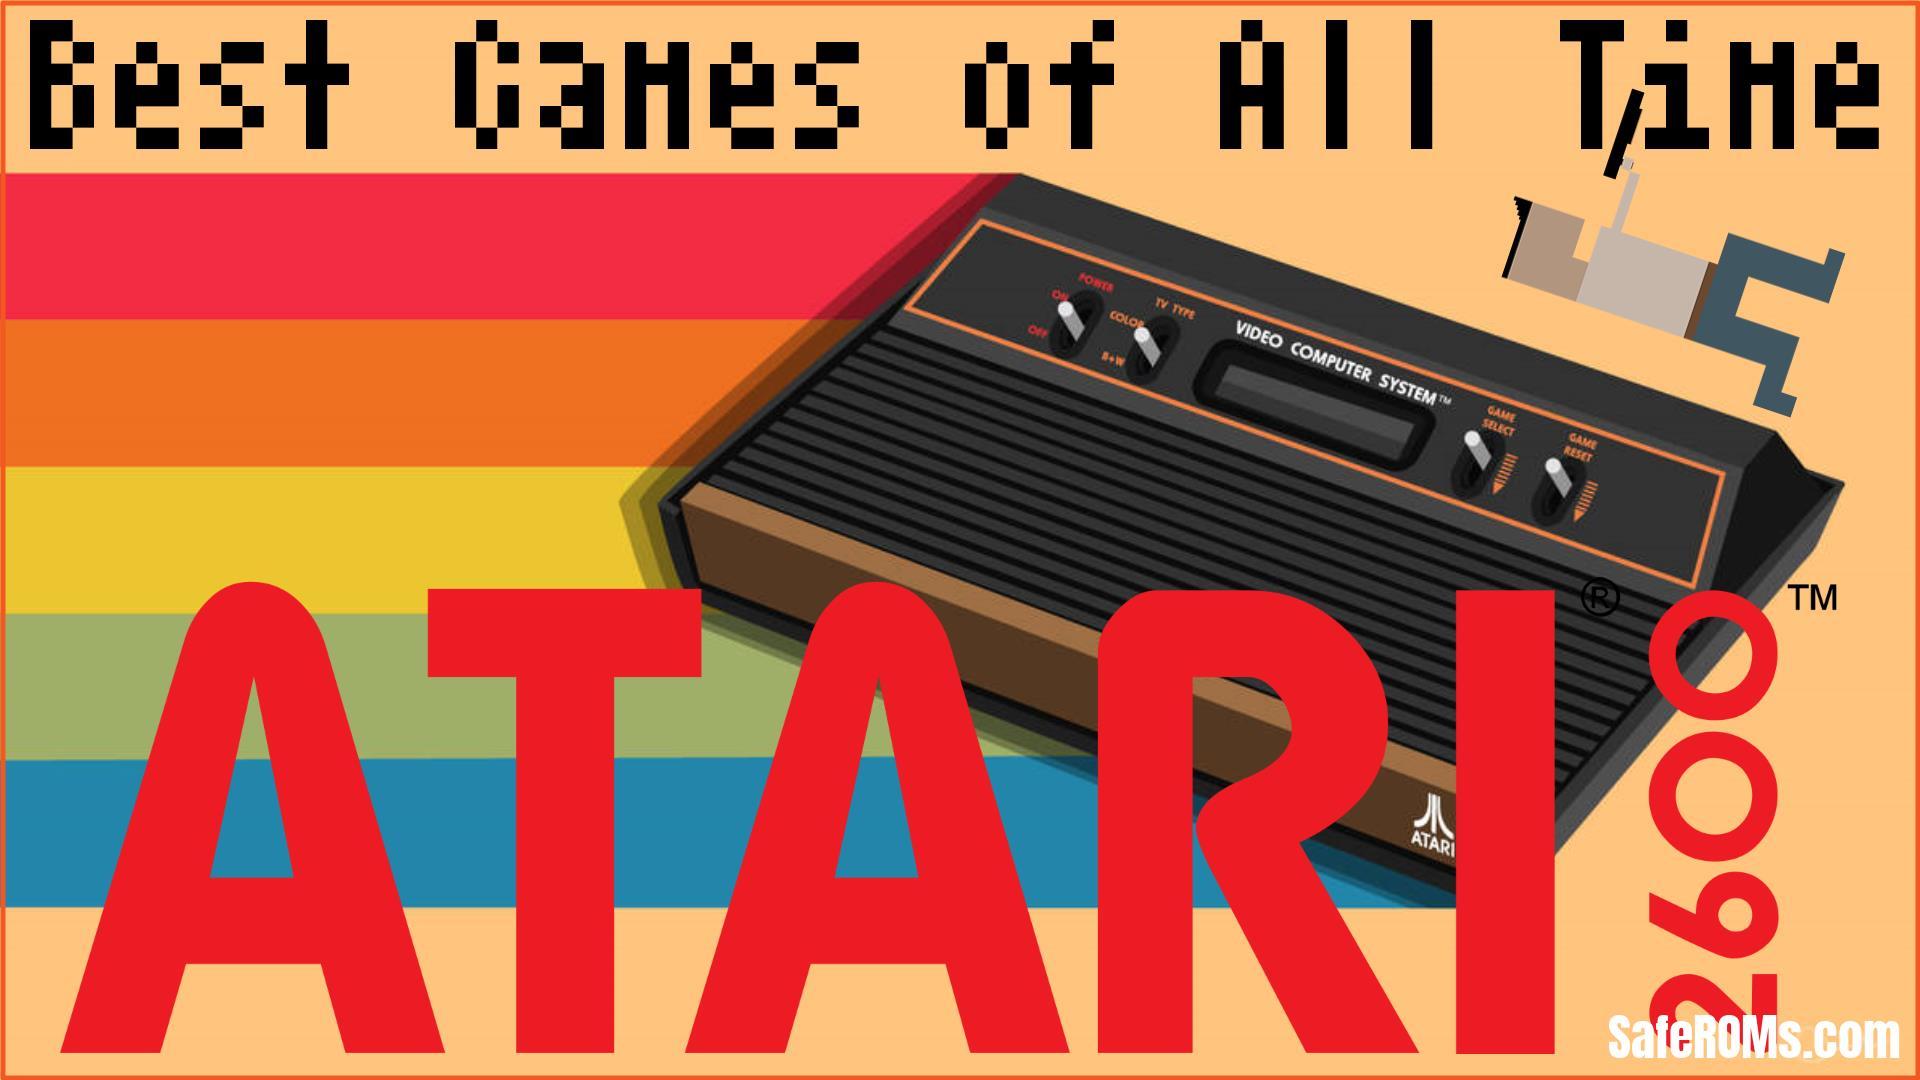 Best Atari 2600 Games